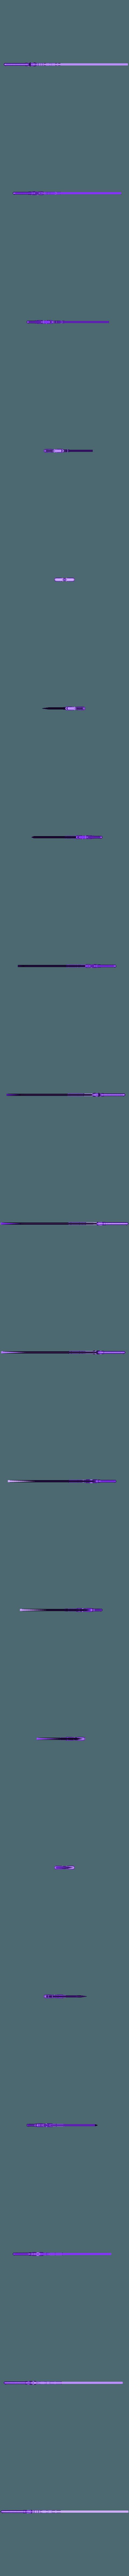 Blade - Full (Advent Children).stl Download STL file Final Fantasy VII - Buster Sword - Bracelet - Shoulder pad  • 3D print model, 3Dutchie